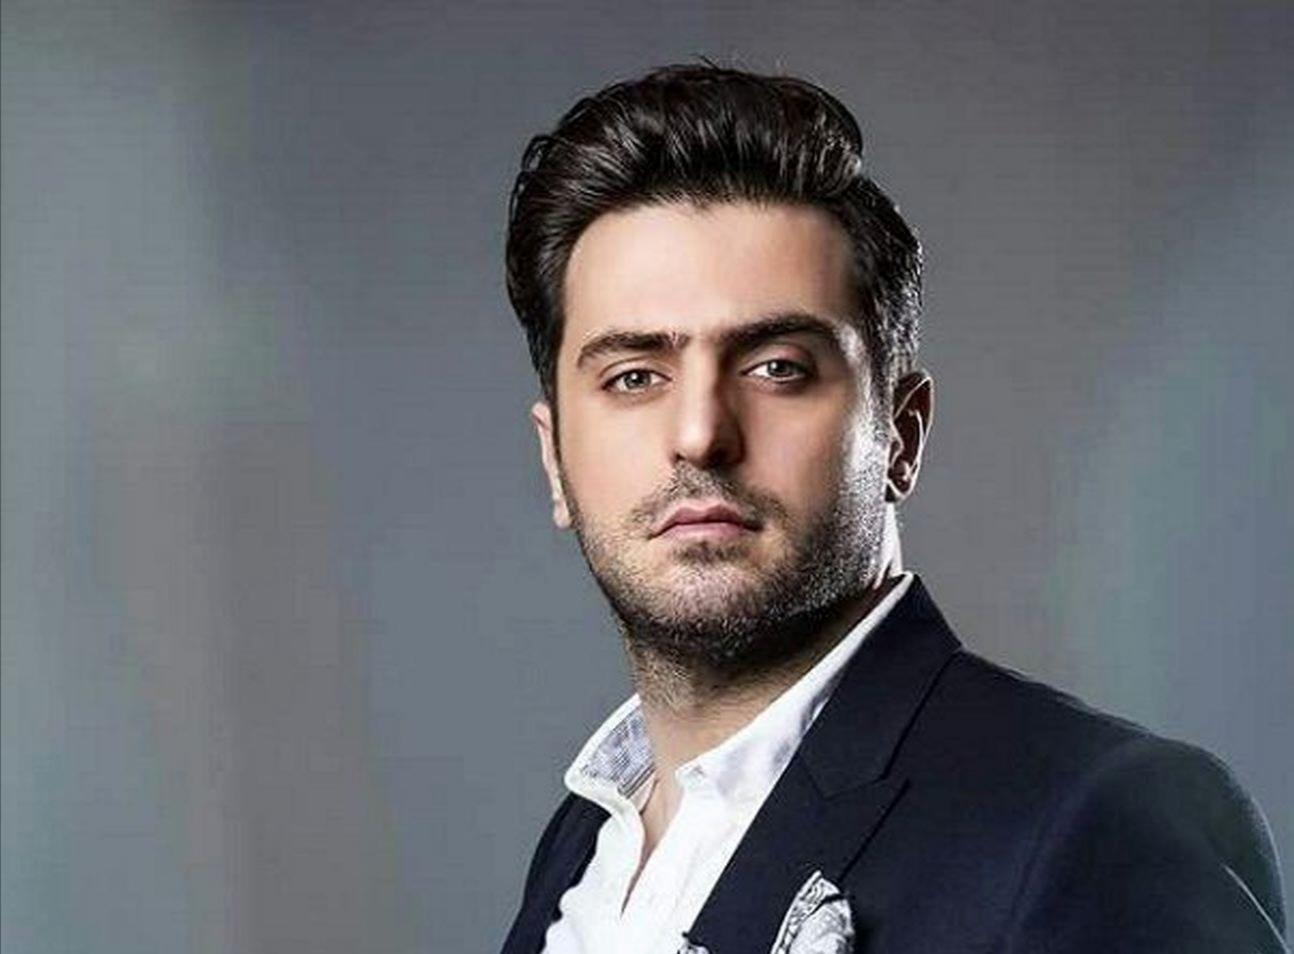 واکنش علی ضیاء به سؤالی درباره ازدواج/ عکس